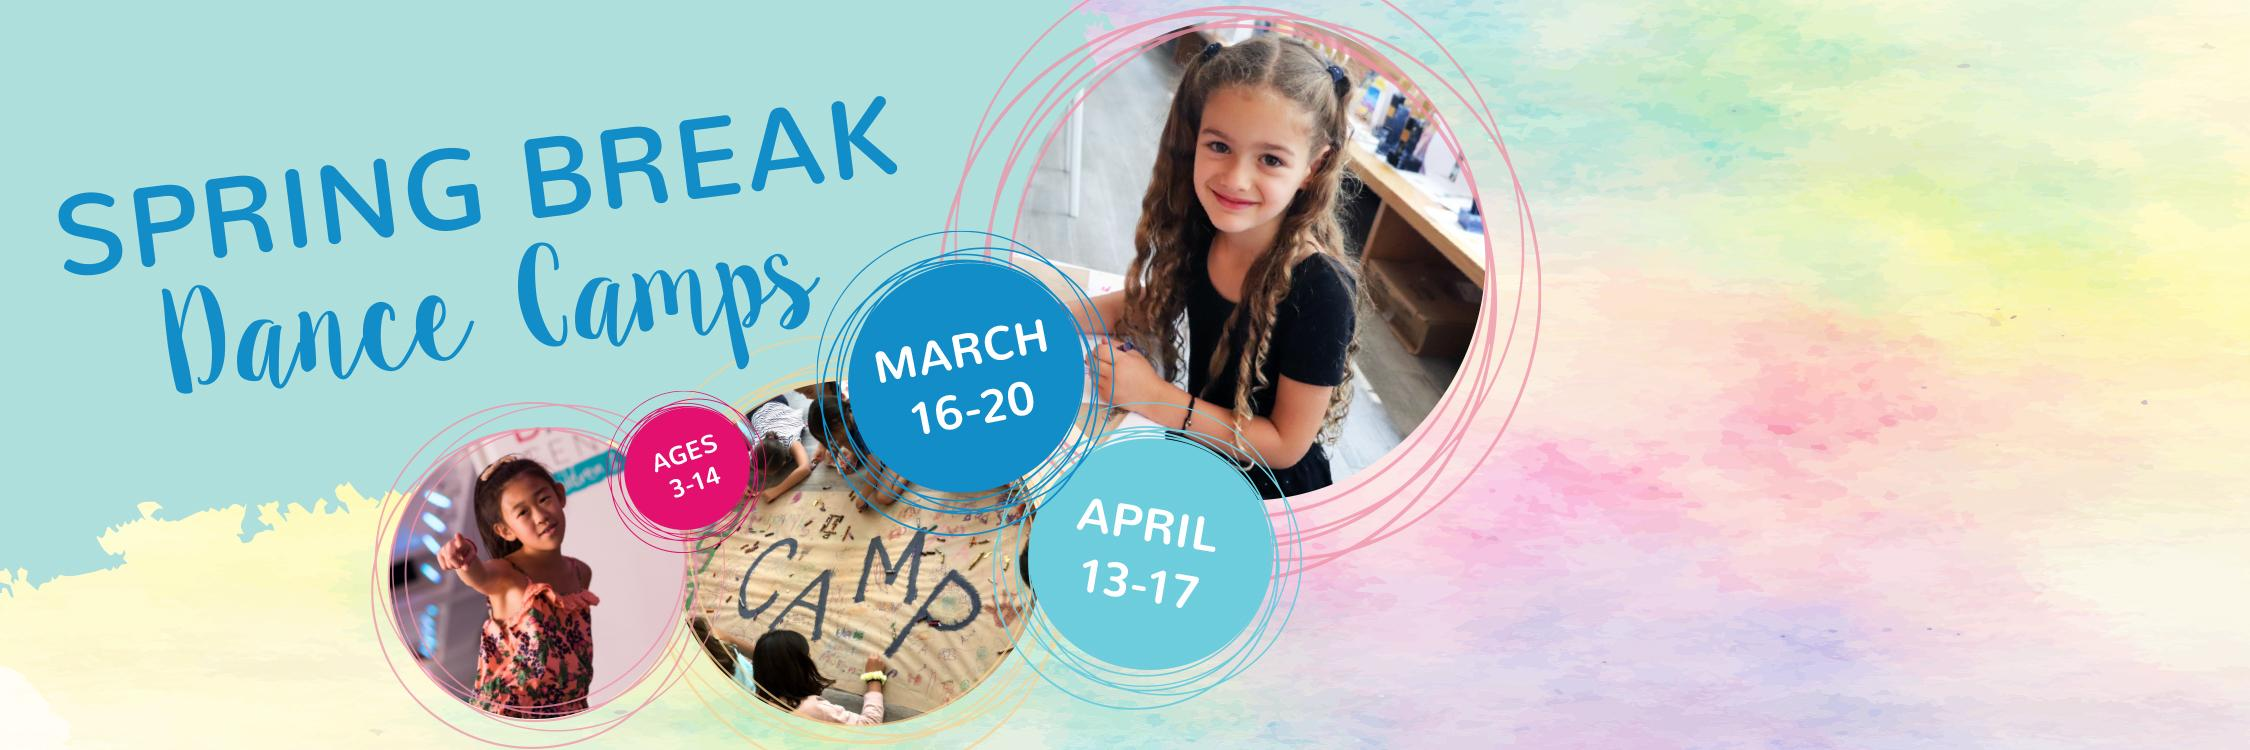 Spring Break Dance Camp Slider 2020